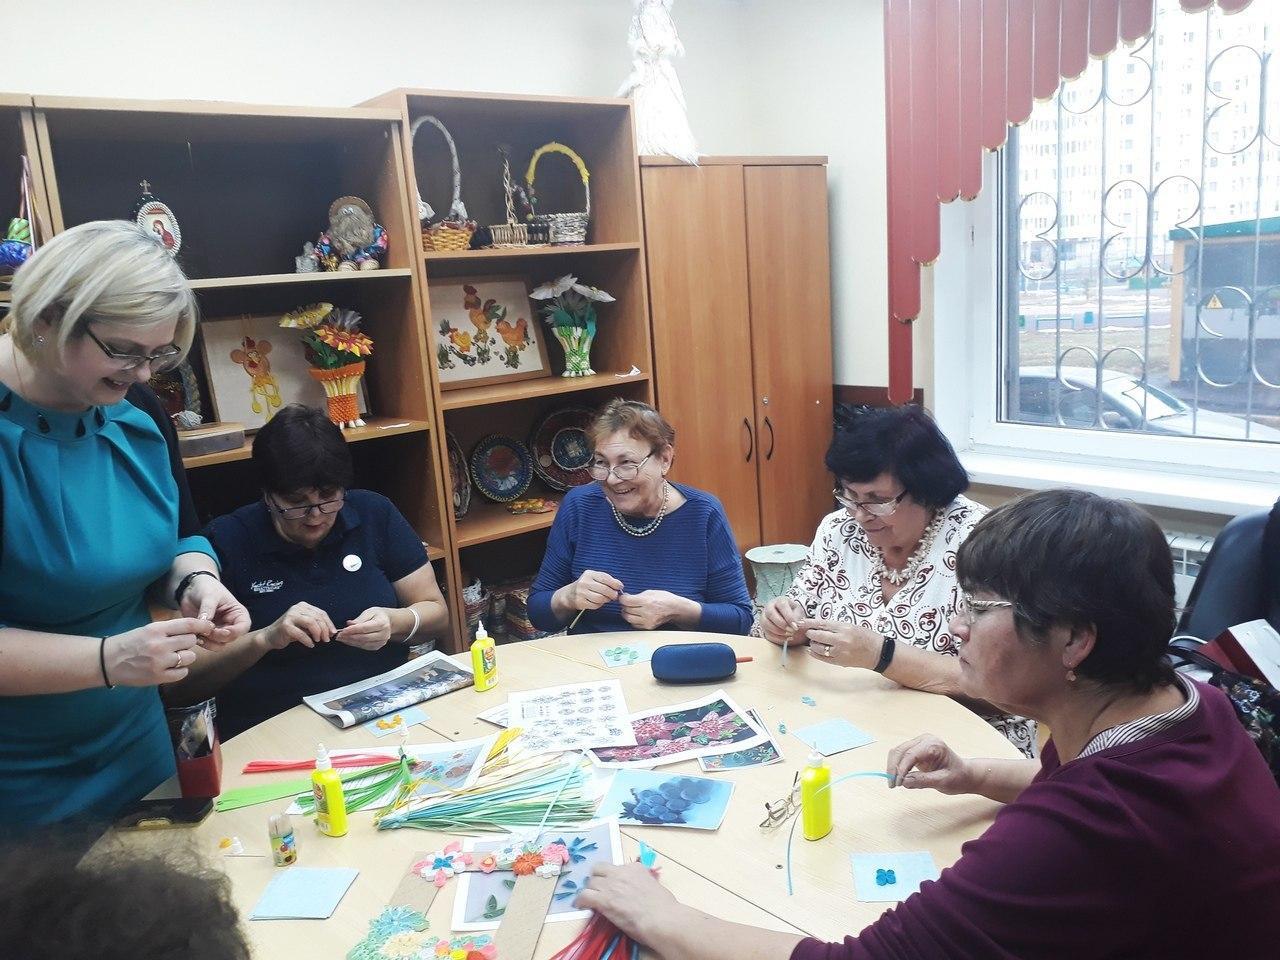 Мастер-класс по квиллингу состоялся в центре соцобслуживания на Рождественской